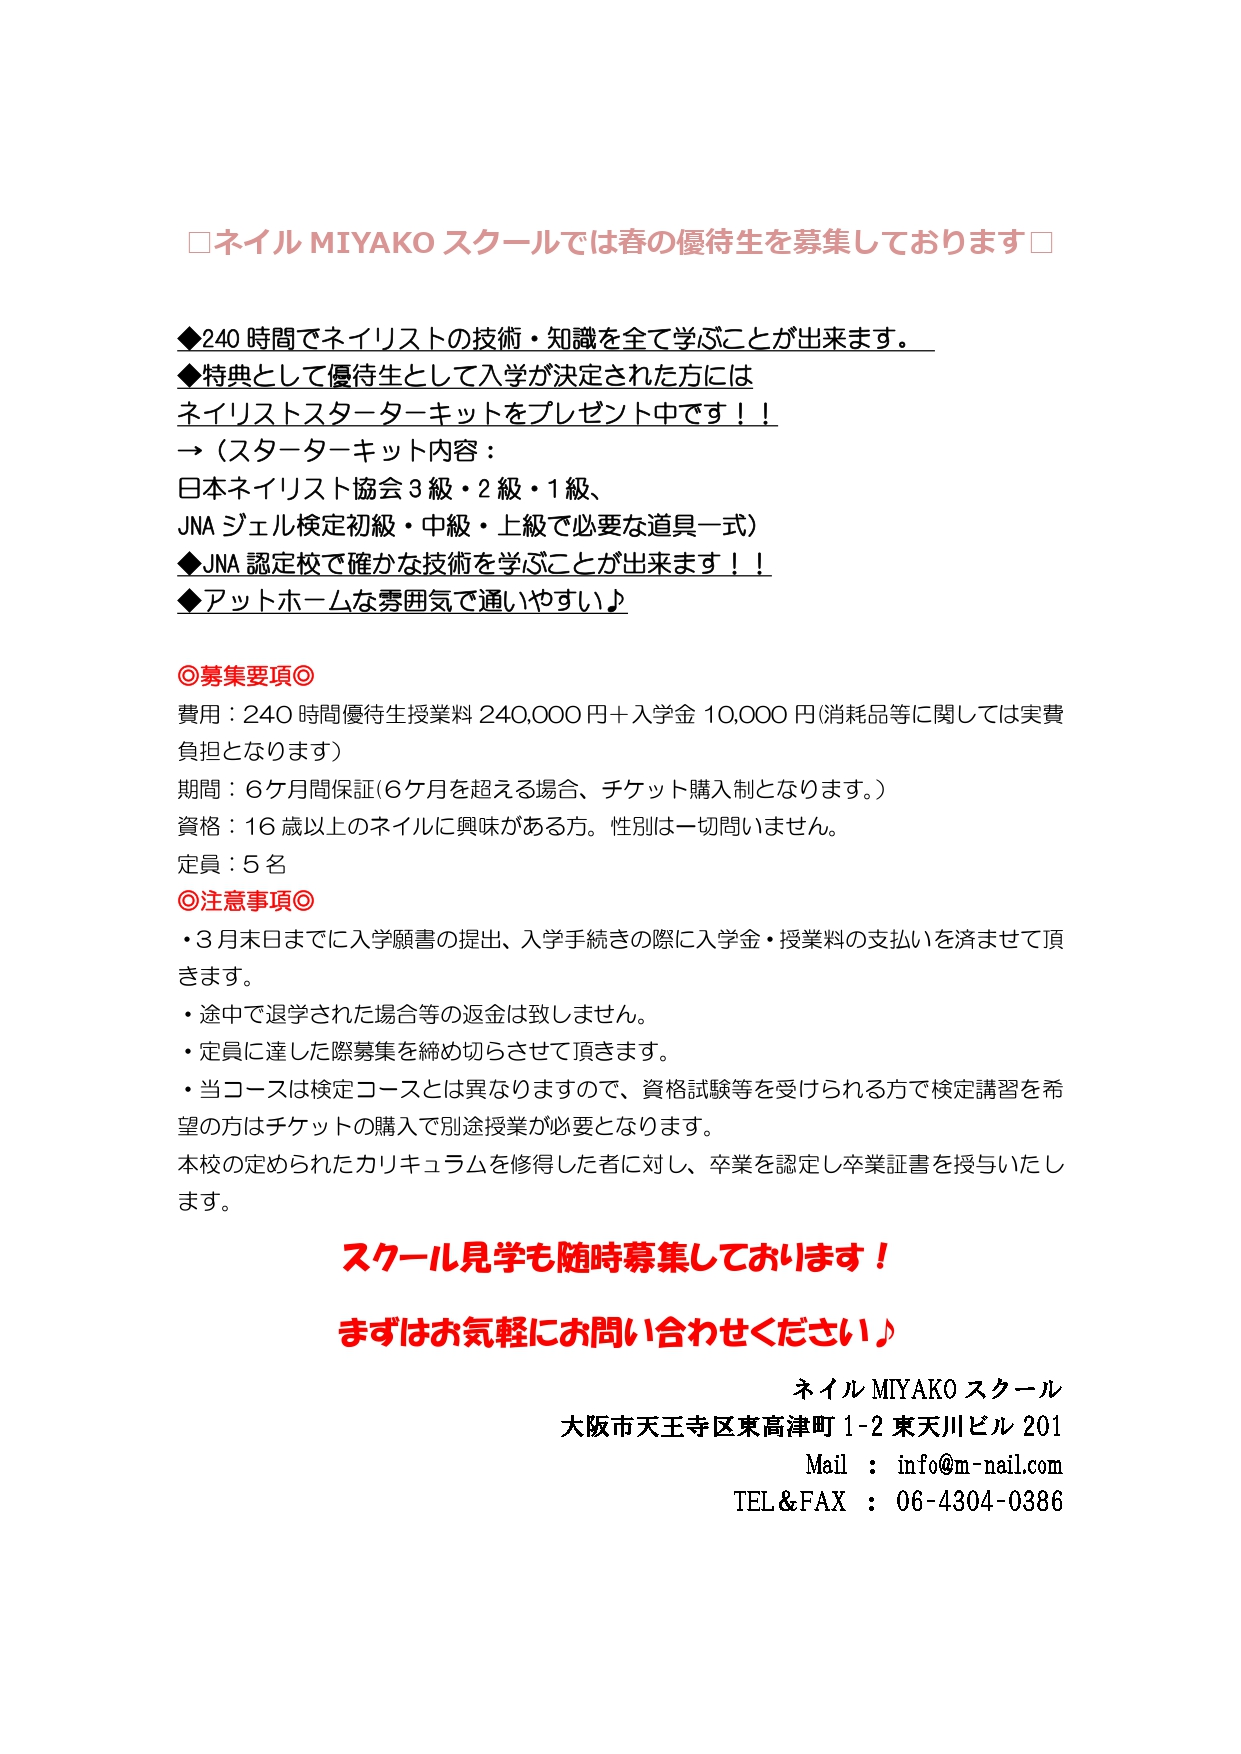 ネイルスクール優待生募集中!!